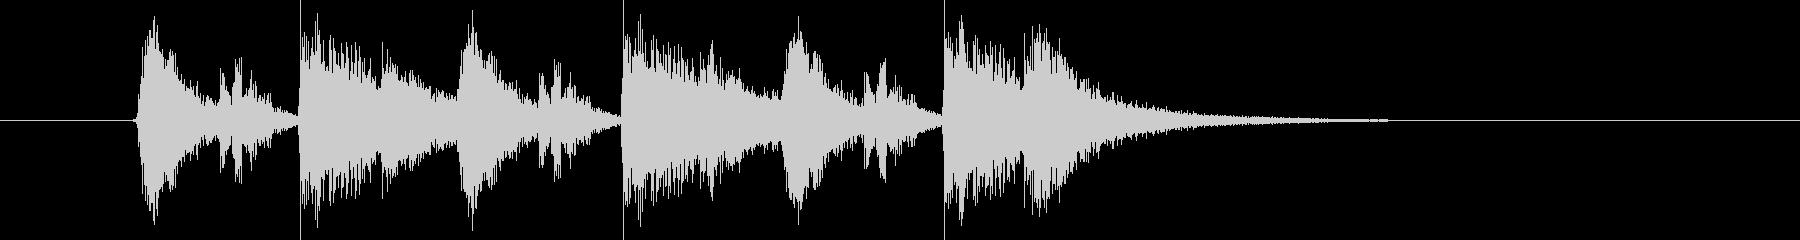 パーカッションがメインの短いジングルの未再生の波形